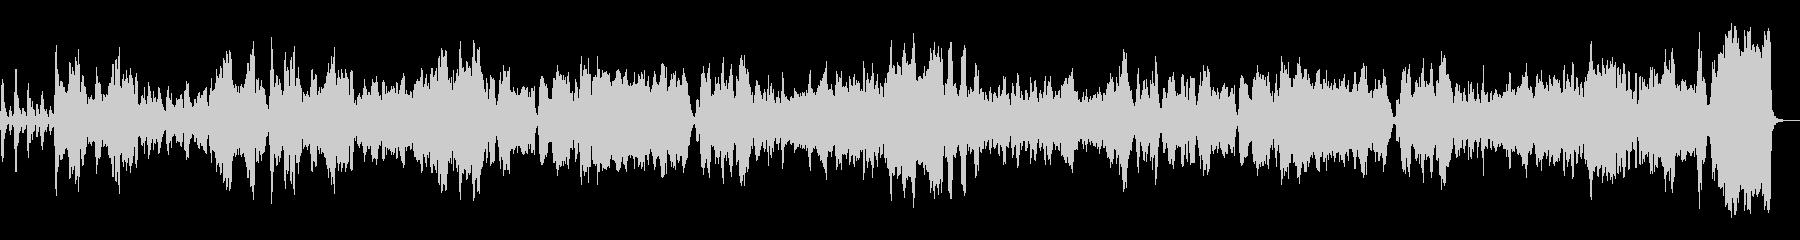 オーボエによるぼのぼのとしたワルツの未再生の波形